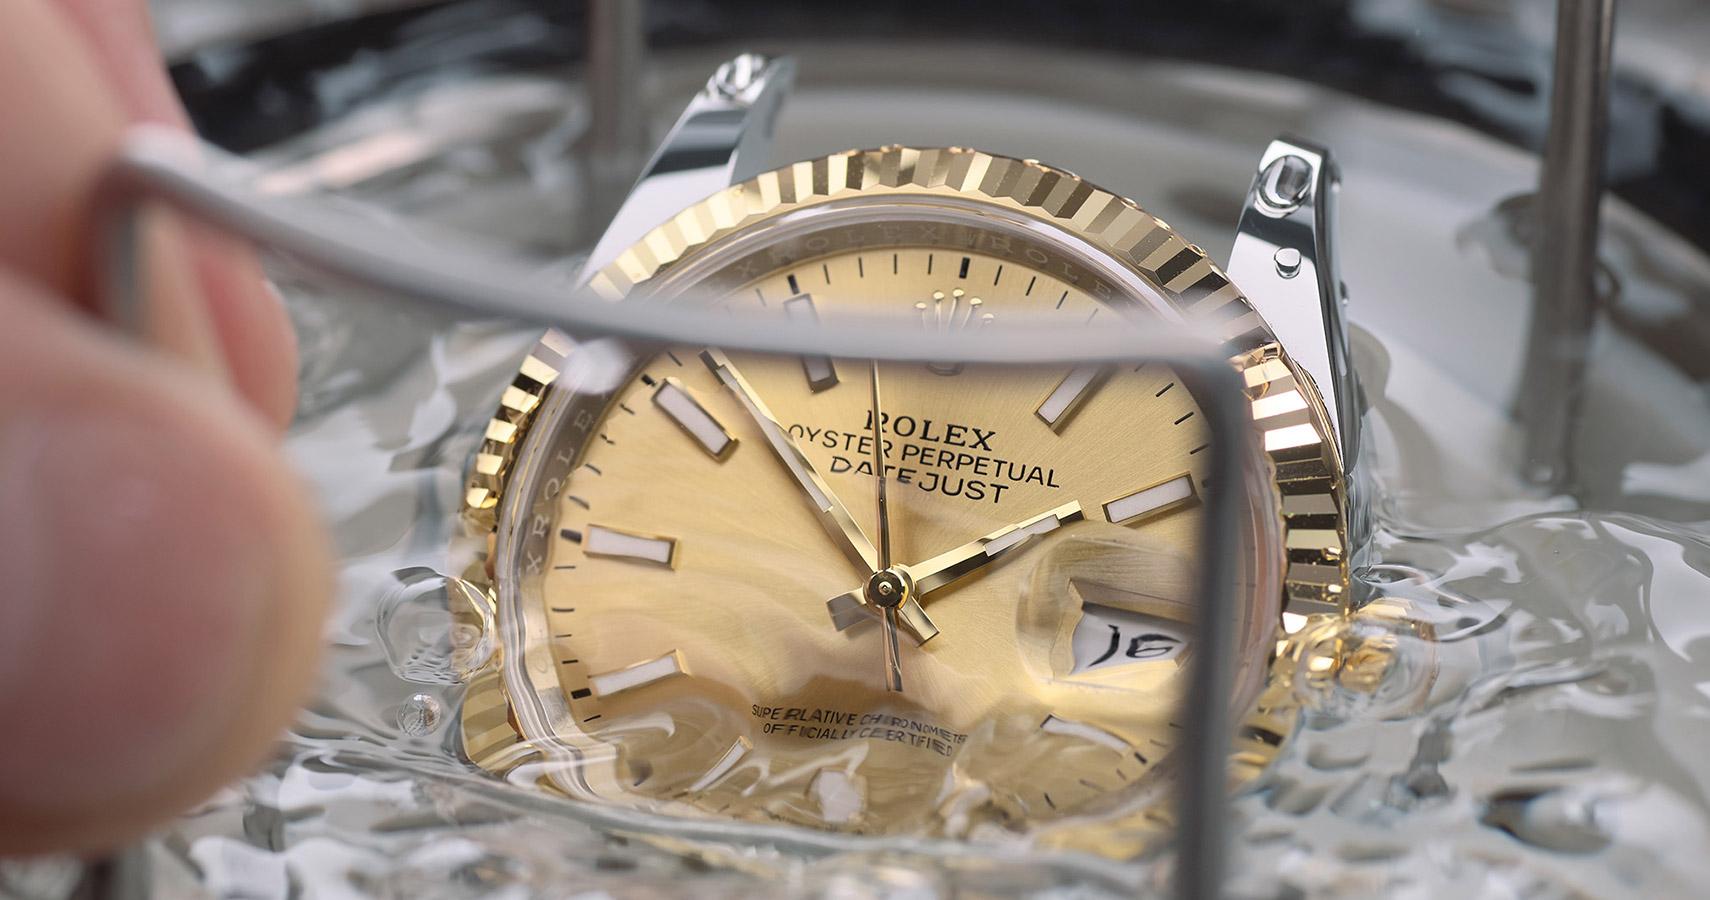 Servicios de atención postventa de Rolex